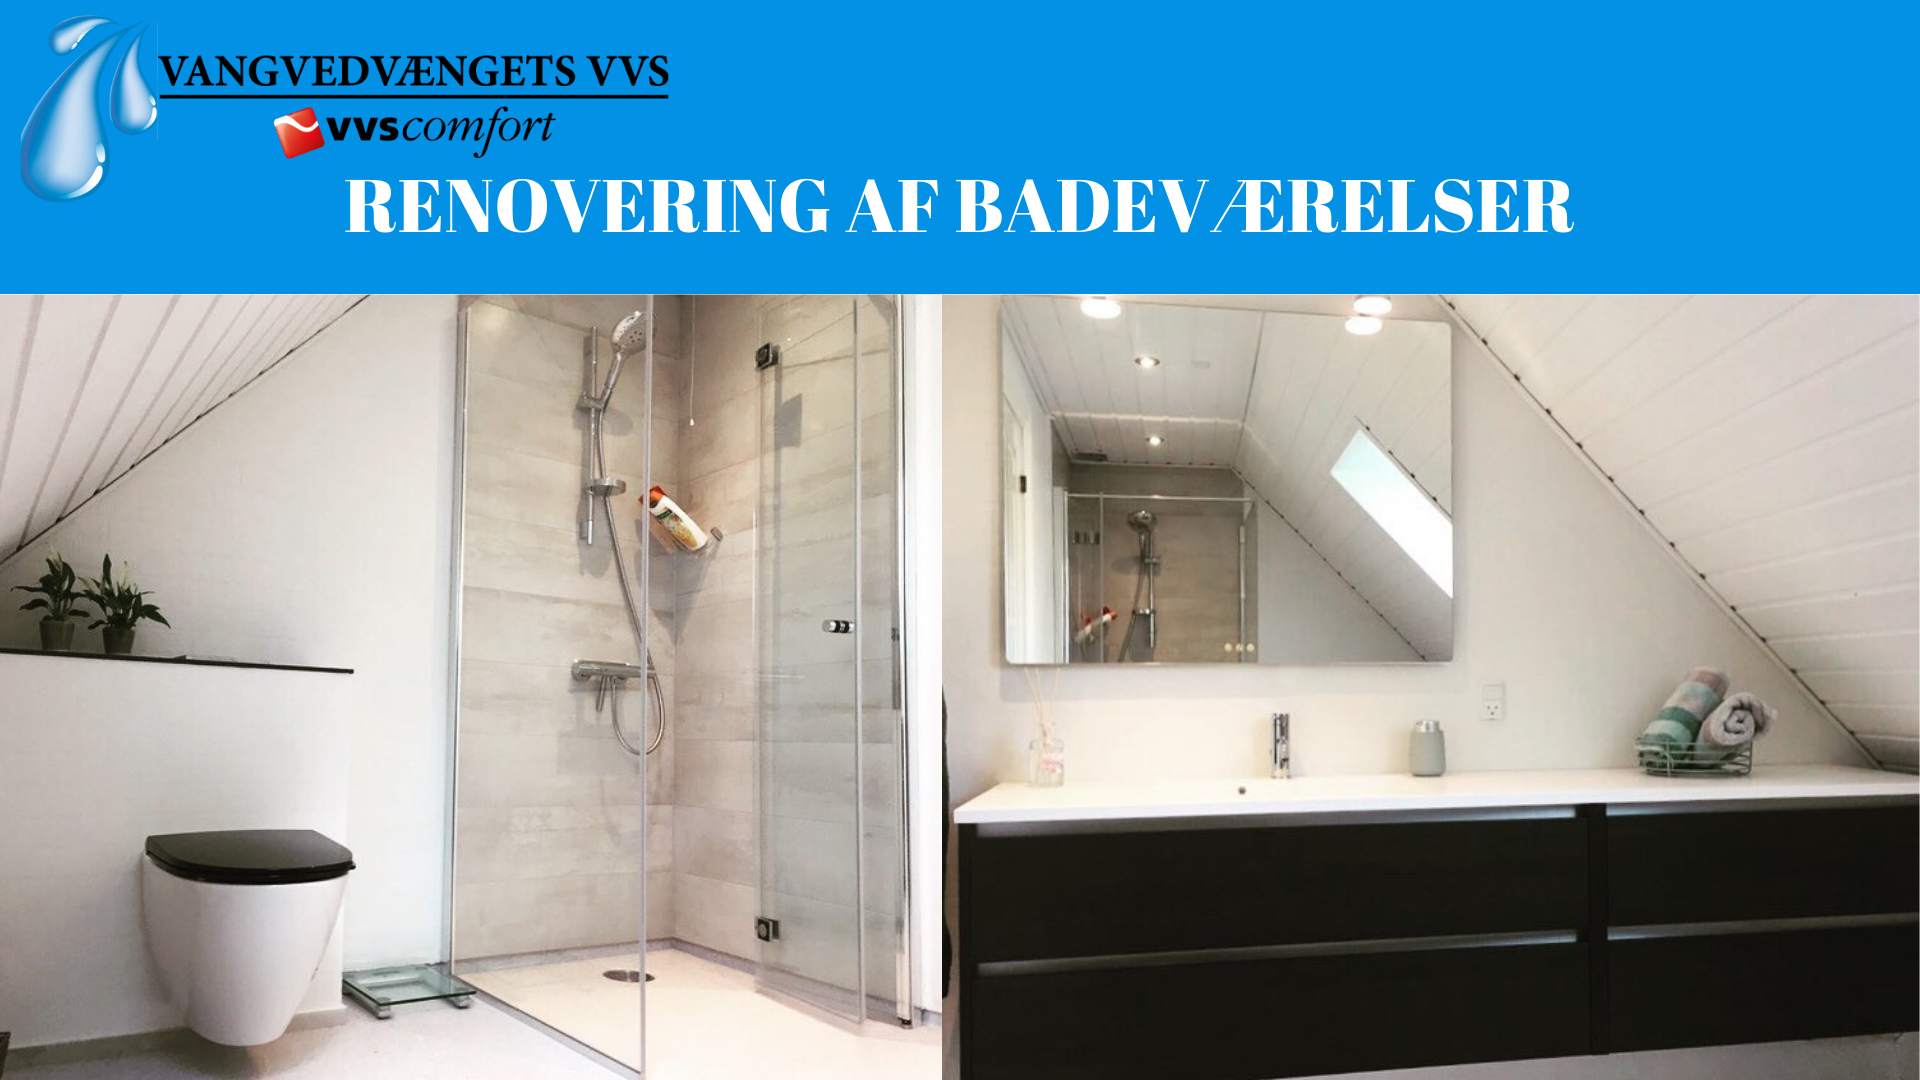 Renovering badeværelser Silkeborg Midtjylland